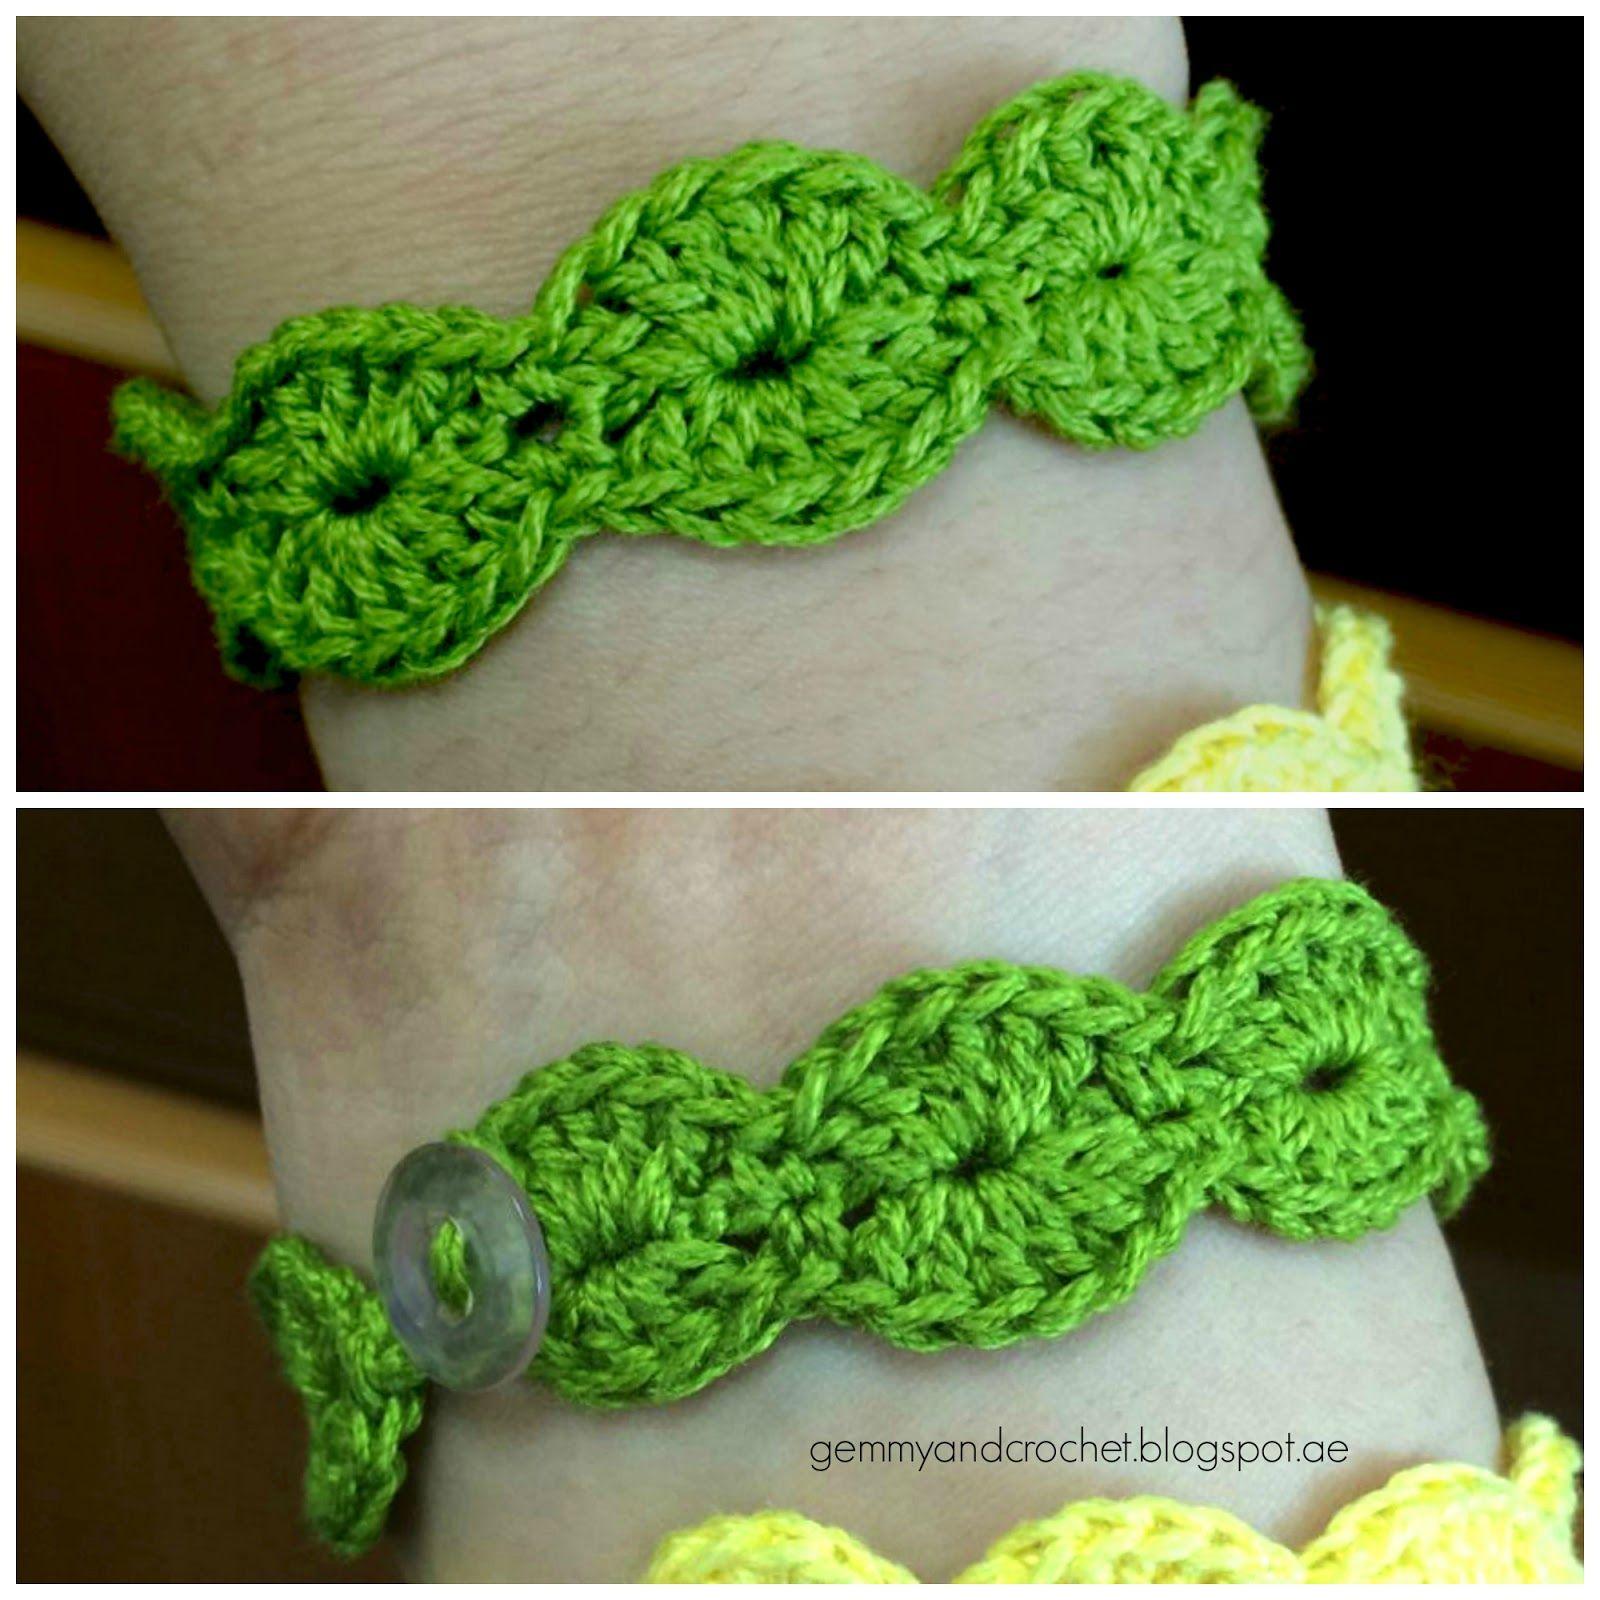 Scallop crochet | Zukünftige Projekte | Pinterest | Crochet, Crochet ...